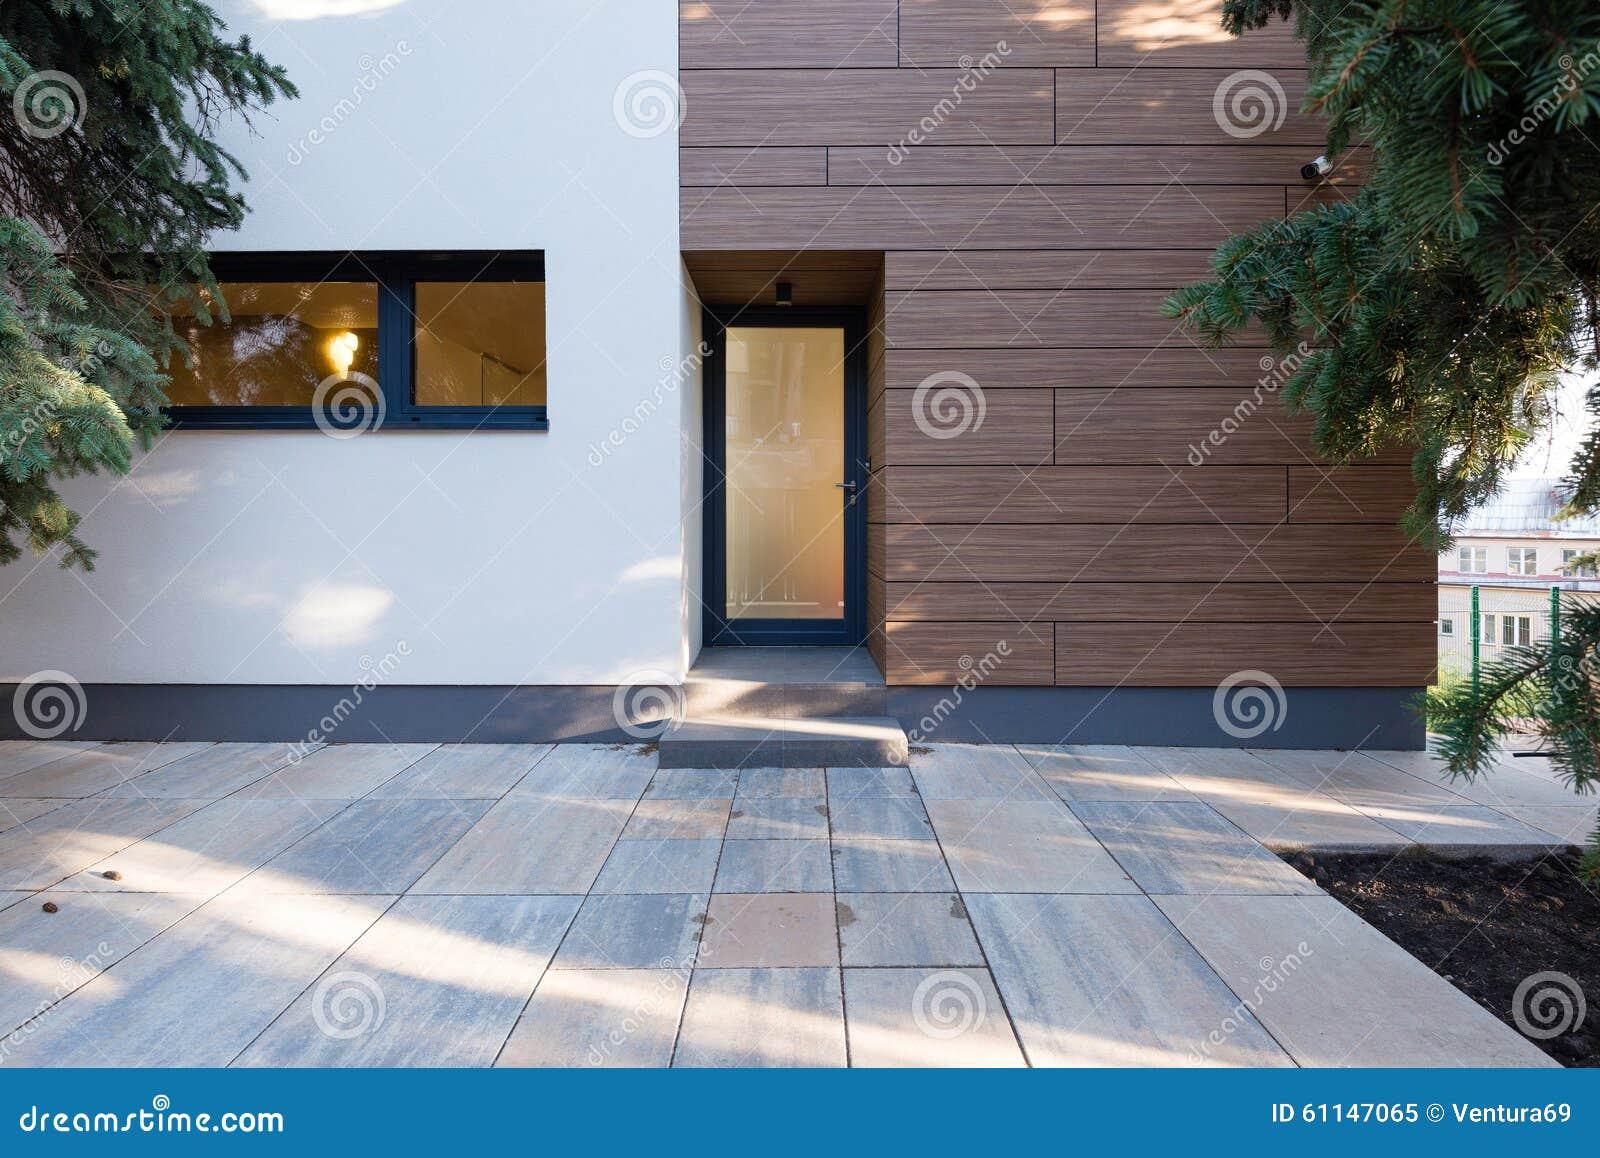 Amüsant Moderne Hauseingänge Referenz Von Pattern Moderner Eingang Stockbild. Bild Von Leuchte,